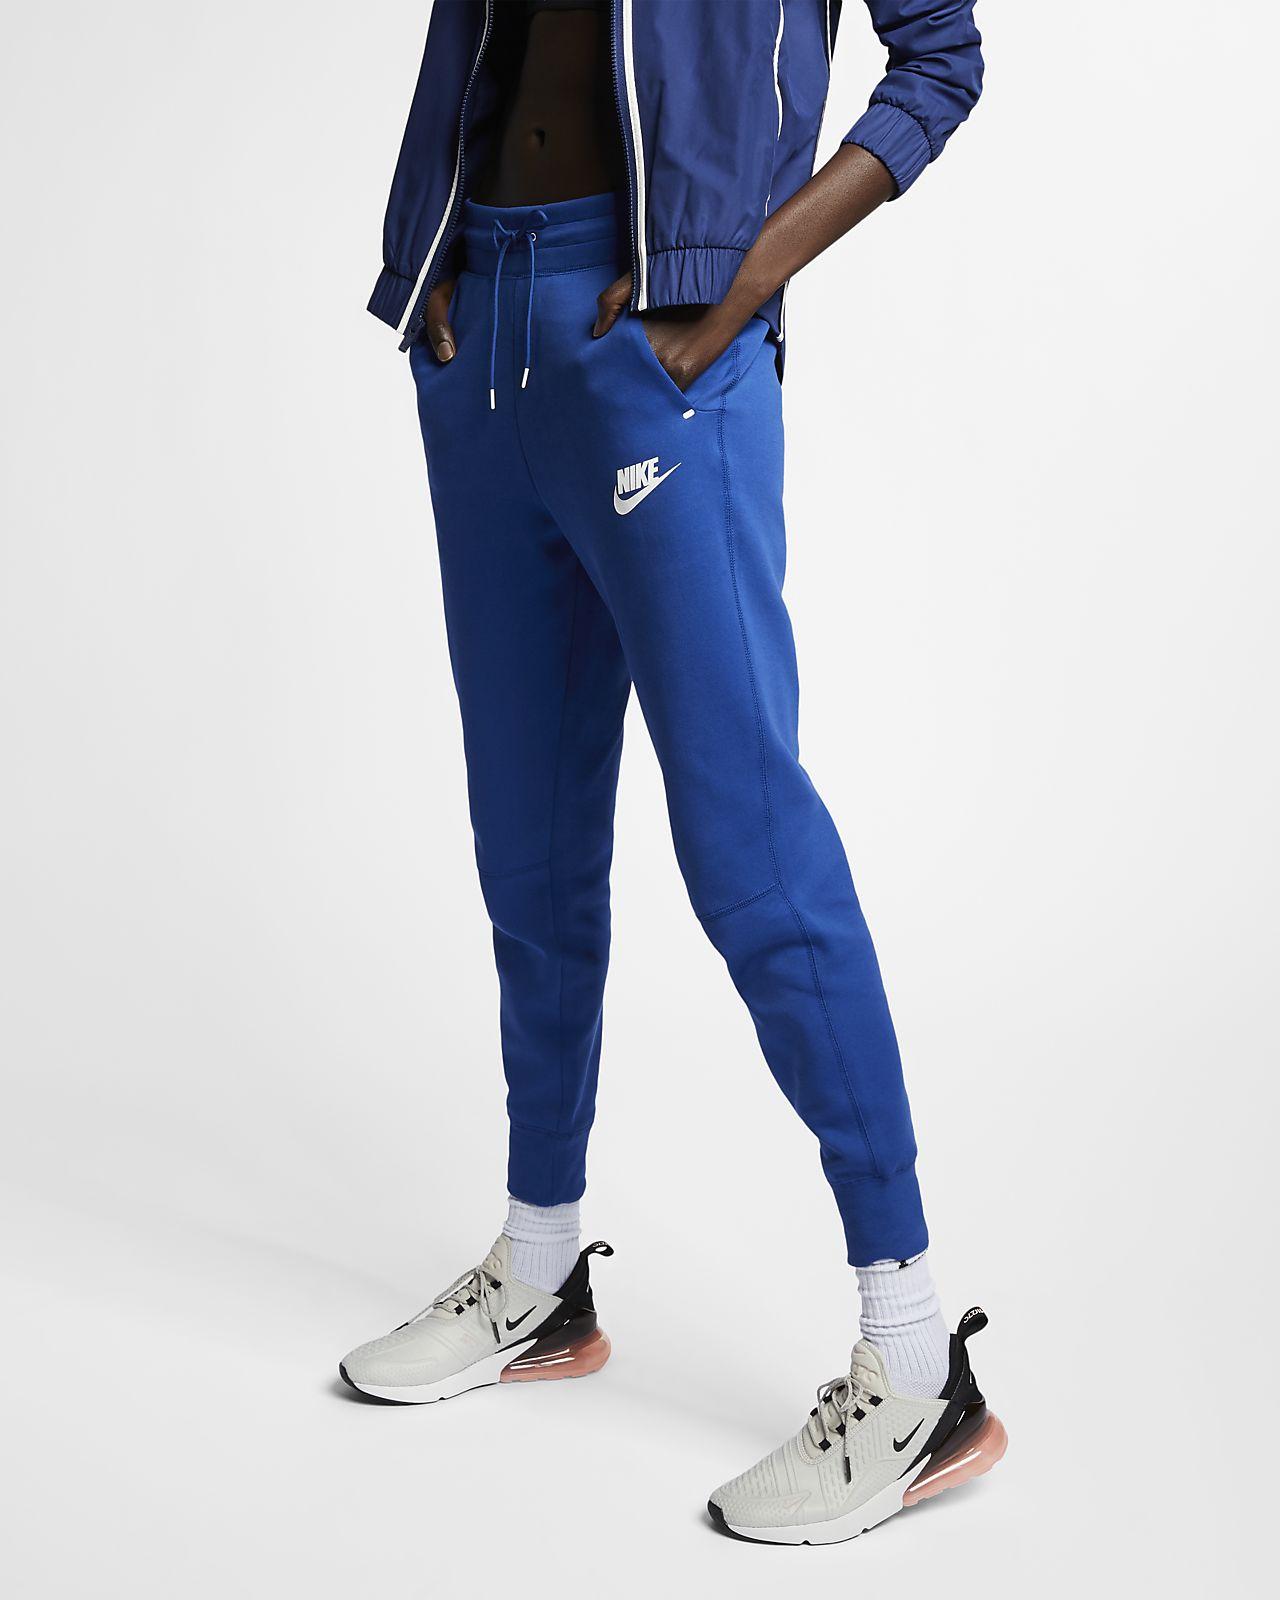 c72a67960f7346 Low Resolution Nike Sportswear Tech Fleece Damenhose Nike Sportswear Tech  Fleece Damenhose